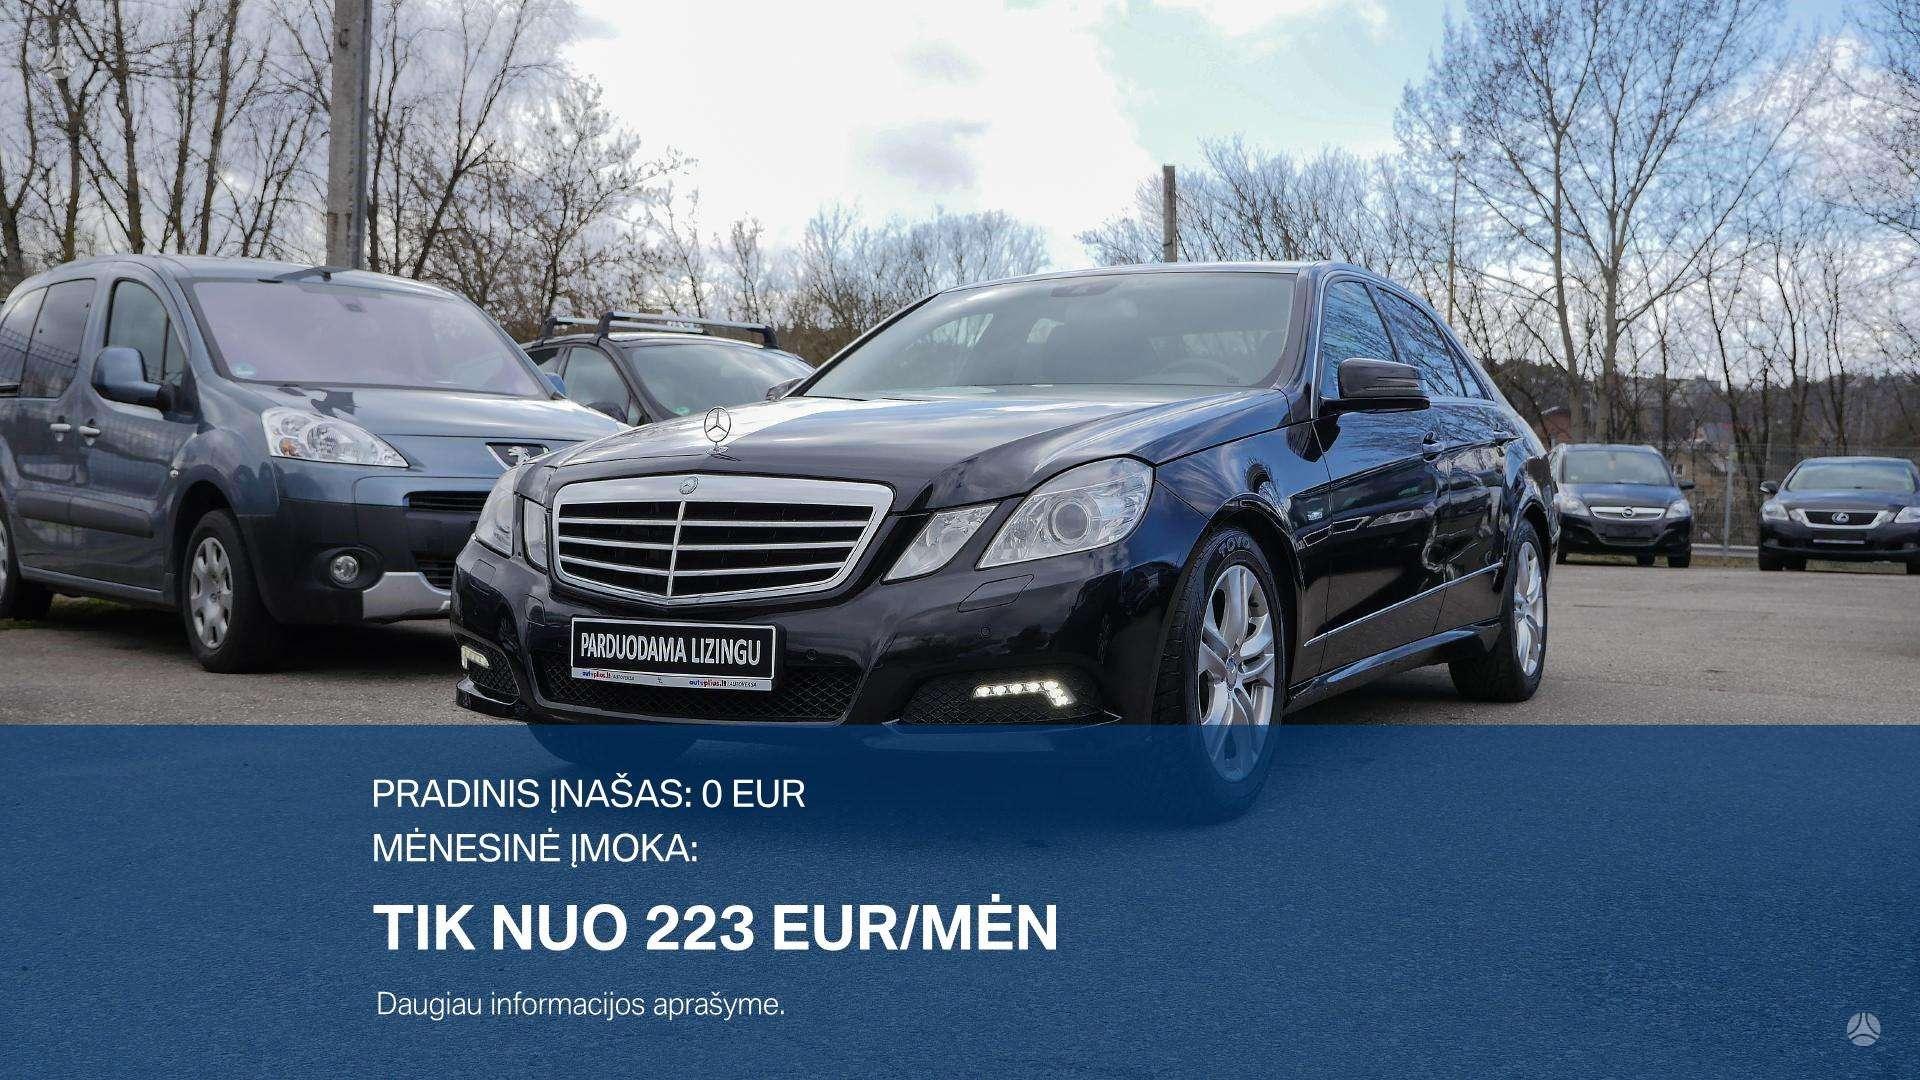 Mercedes-Benz E350 išsimokėtinai nuo 223 Eur/mėn su 3 mėnėsių garantija